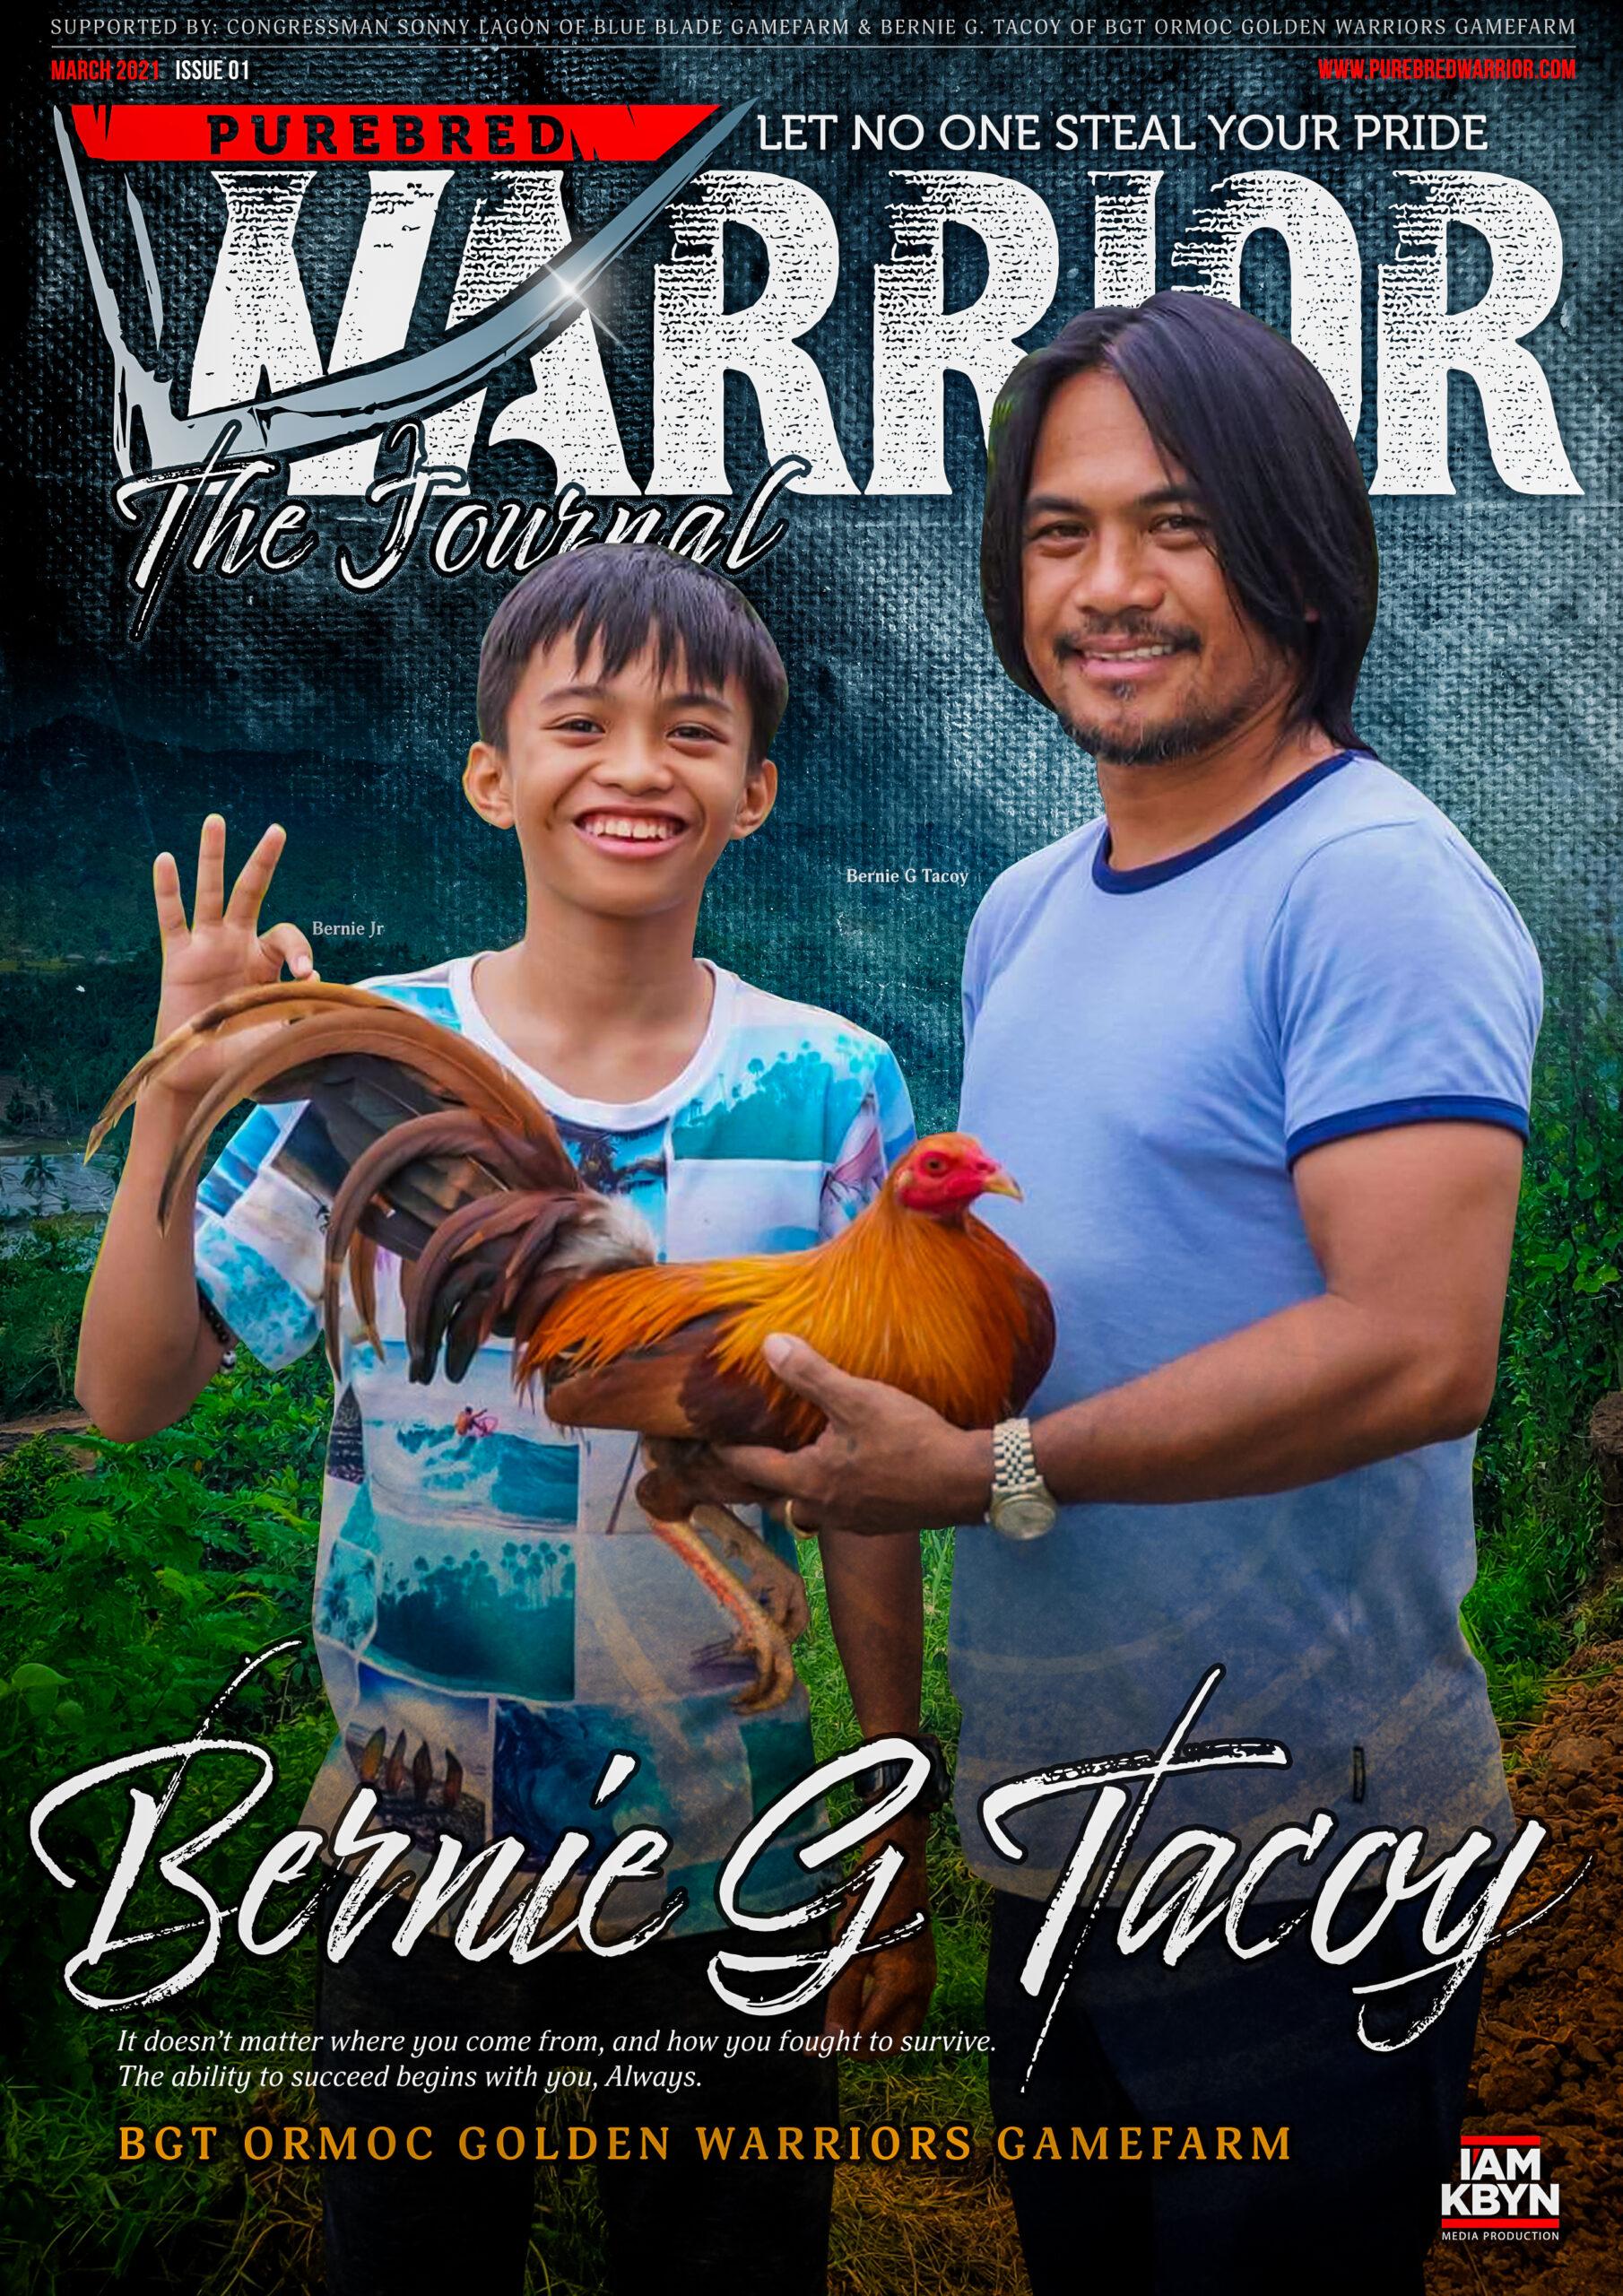 PW The Journal #1 Bernie G Tacoy